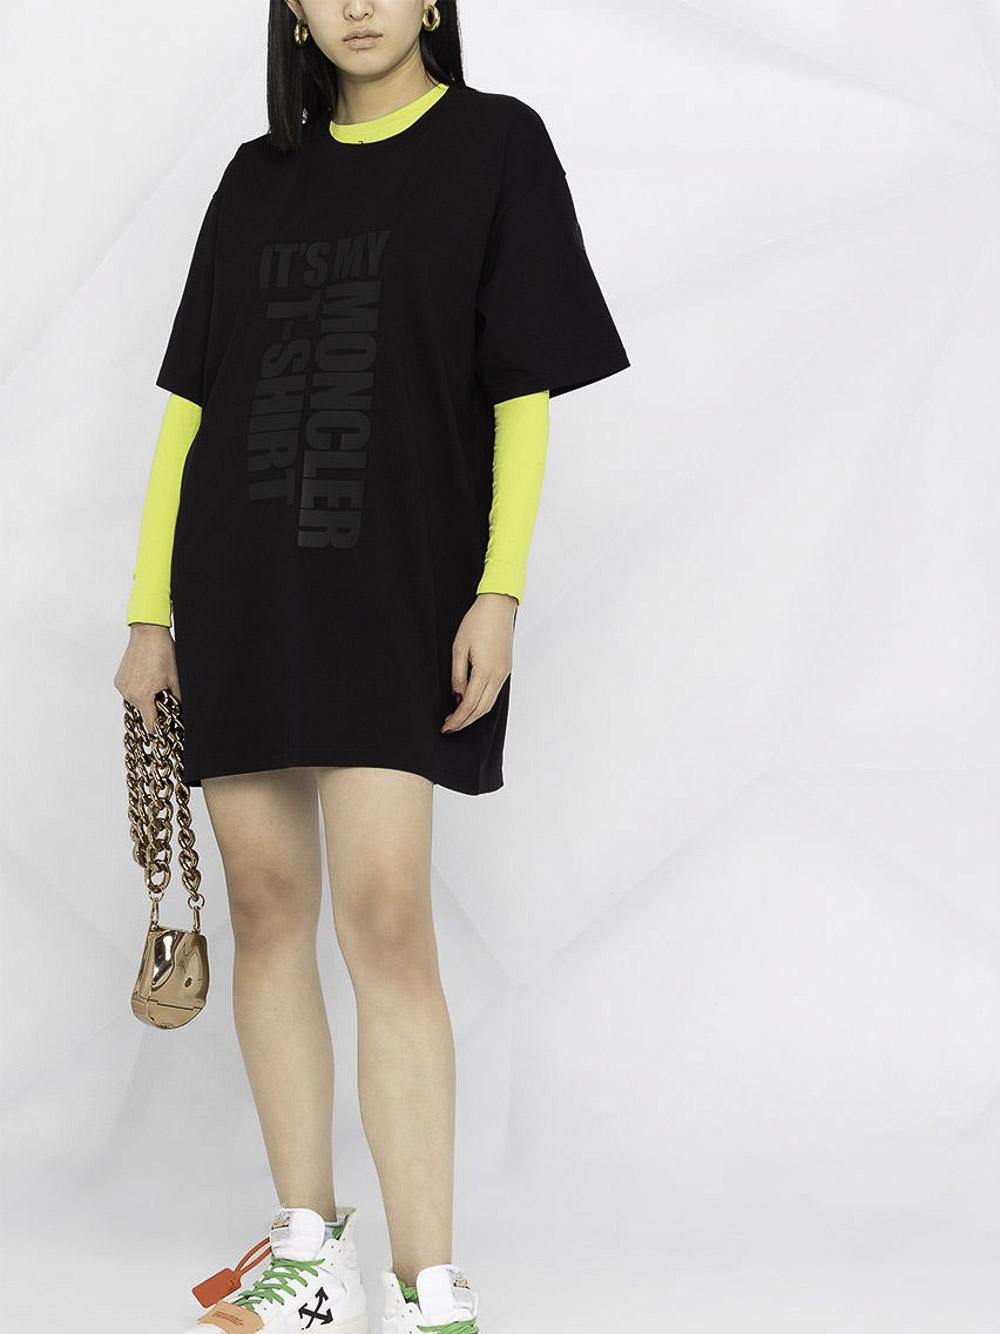 MONCLER Μπλούζα T-shirt 0938C7A210829HP-999 ΜΑΥΡΟ